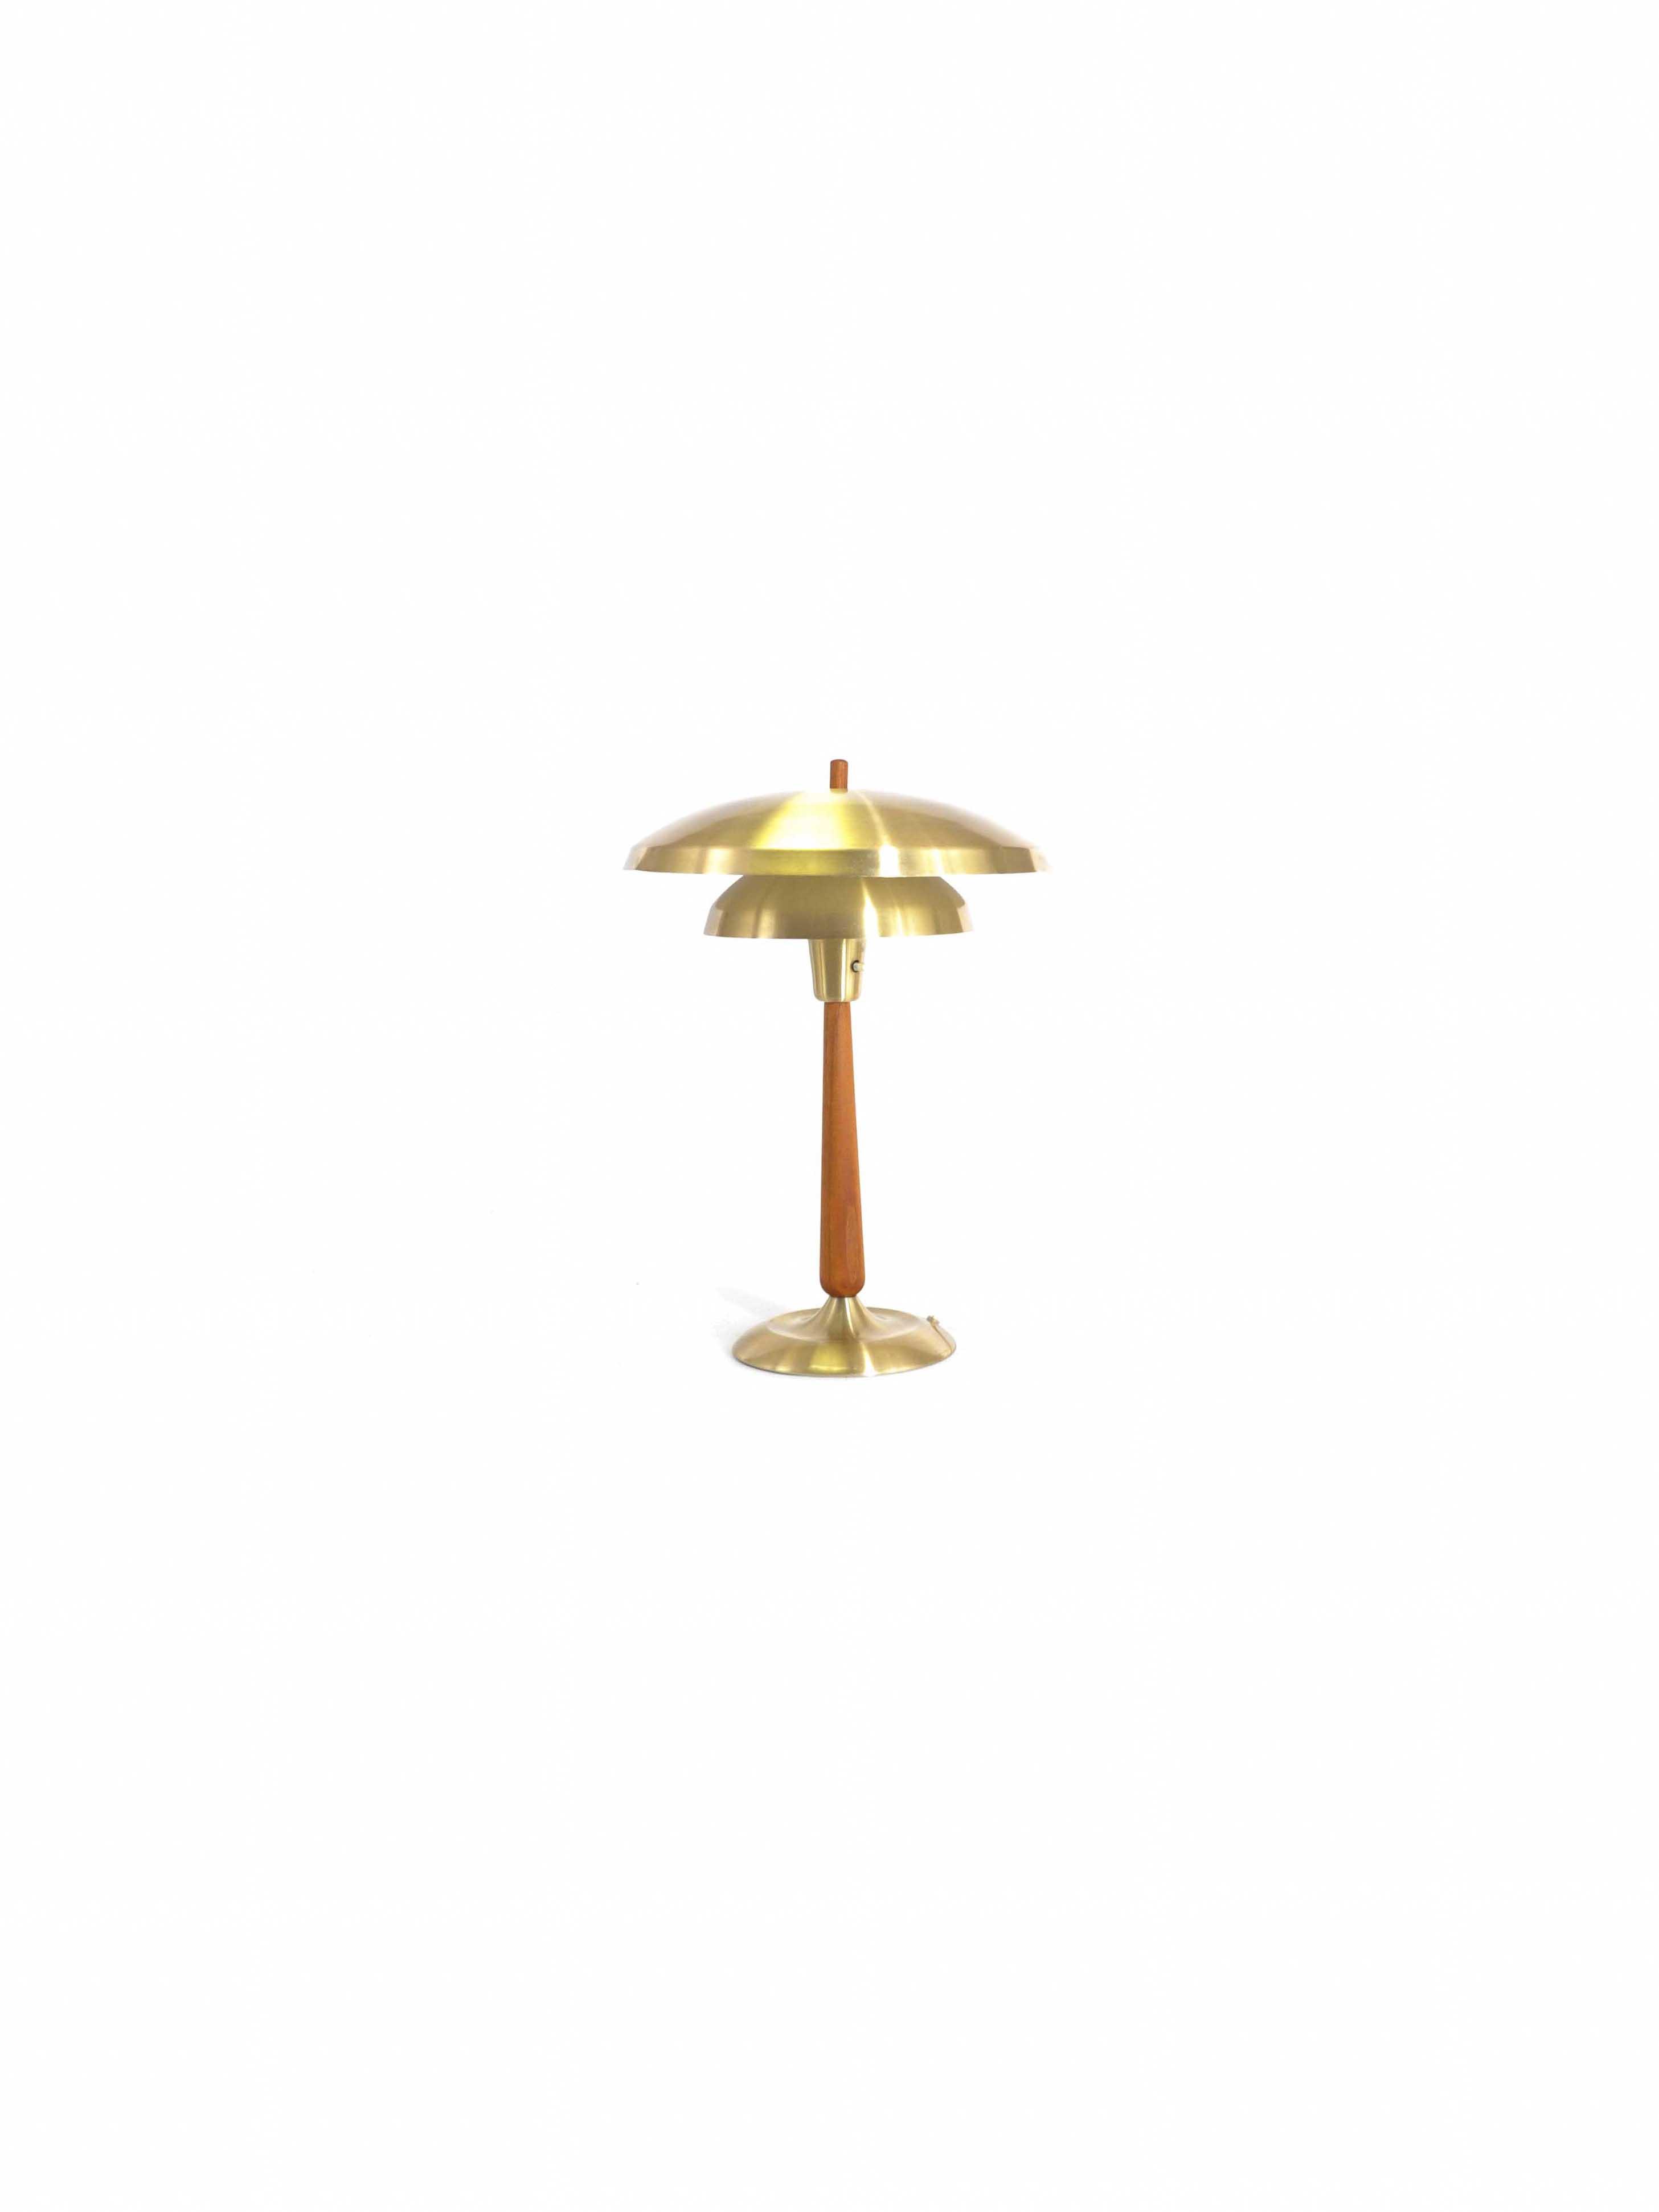 NORWEGIAN TABLE LAMP